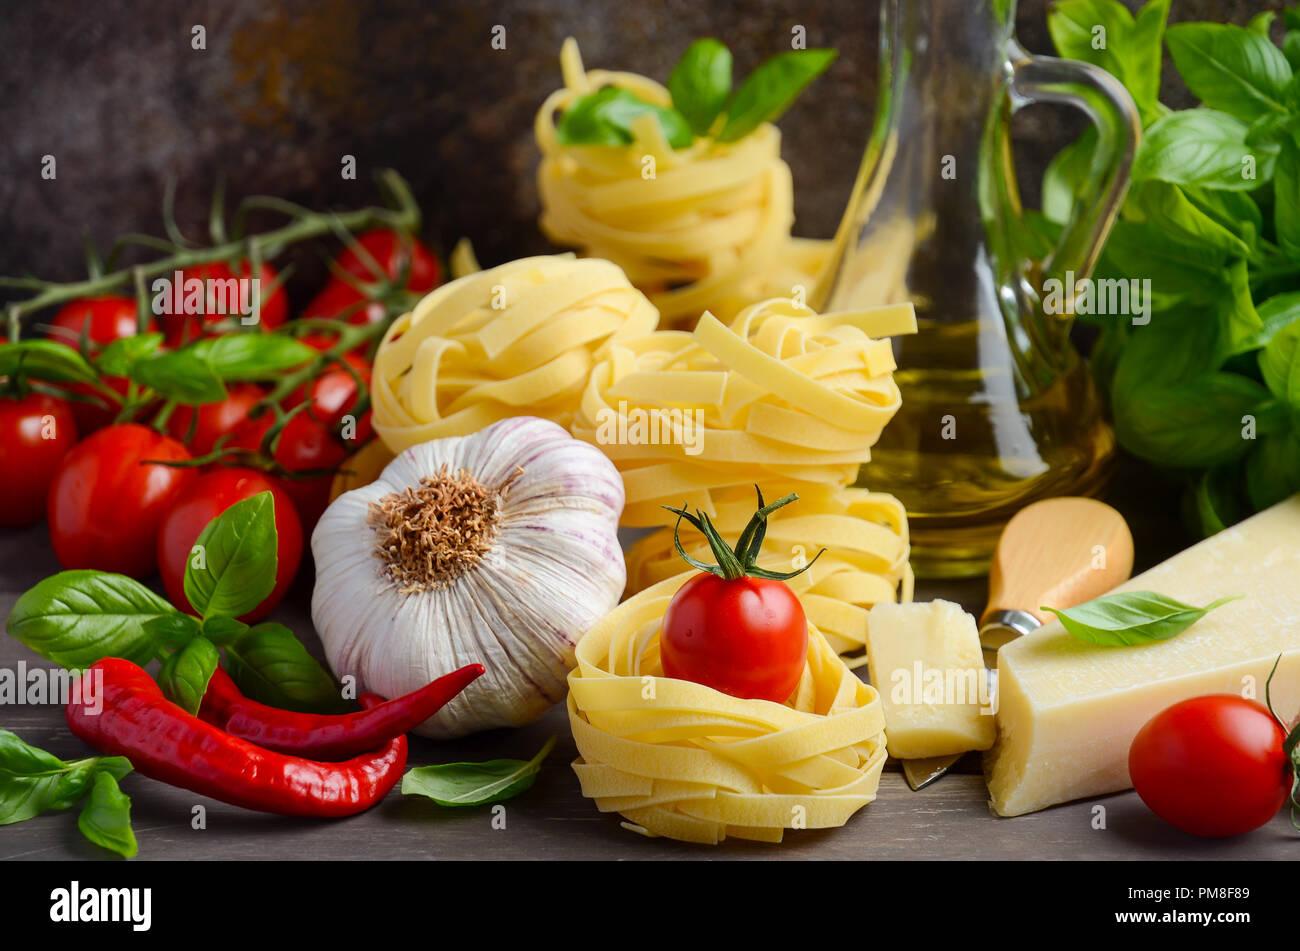 Pasta, Gemüse, Kräuter und Gewürze für italienisches Essen auf den hölzernen Hintergrund, selektive konzentrieren. Stockbild